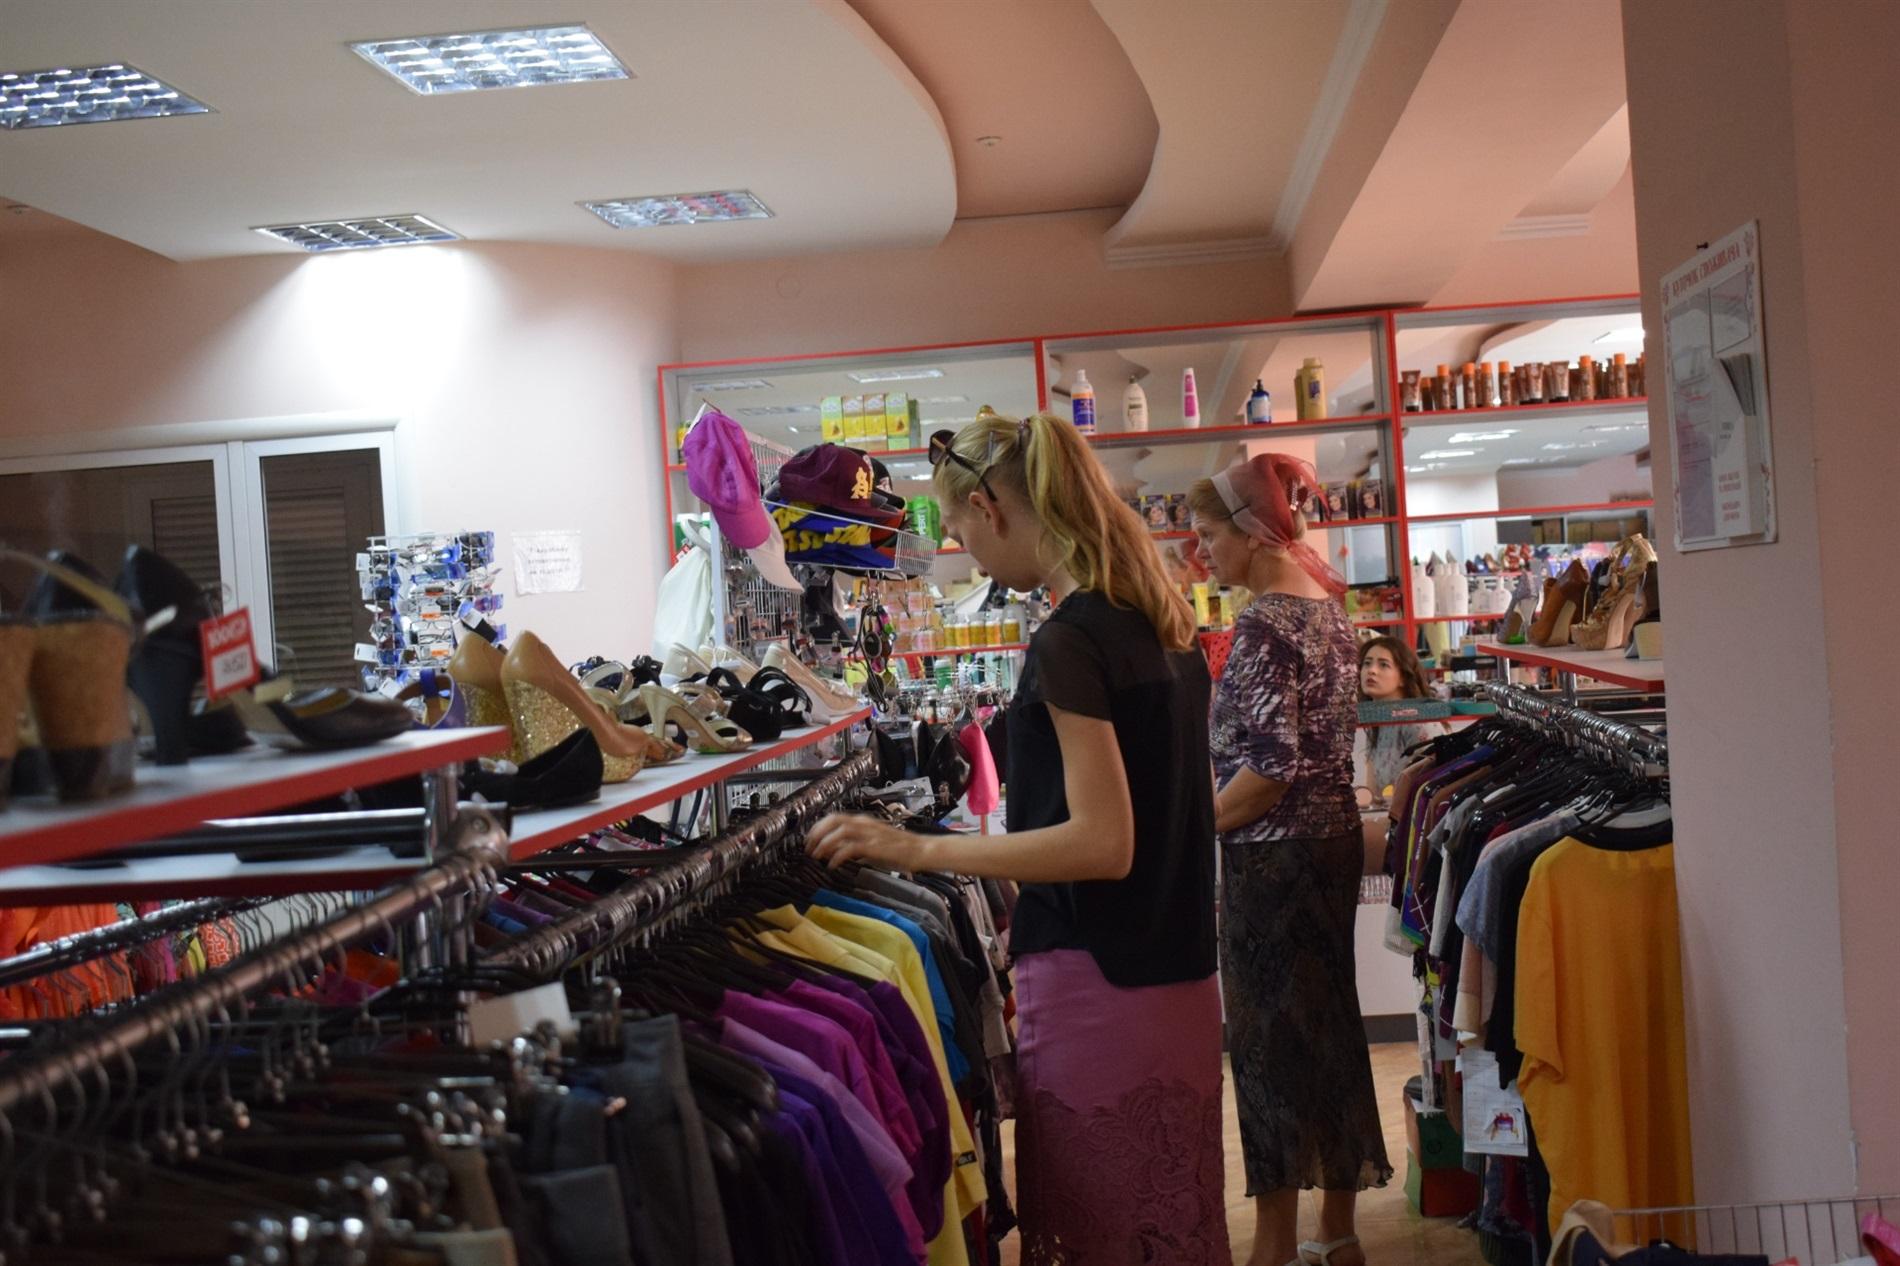 59ca8df30ea753 Про свої враження від магазину нам розповіли пересічні звягельчани, які за  дві місяці роботи торгівельної точки стали постійними клієнтами.